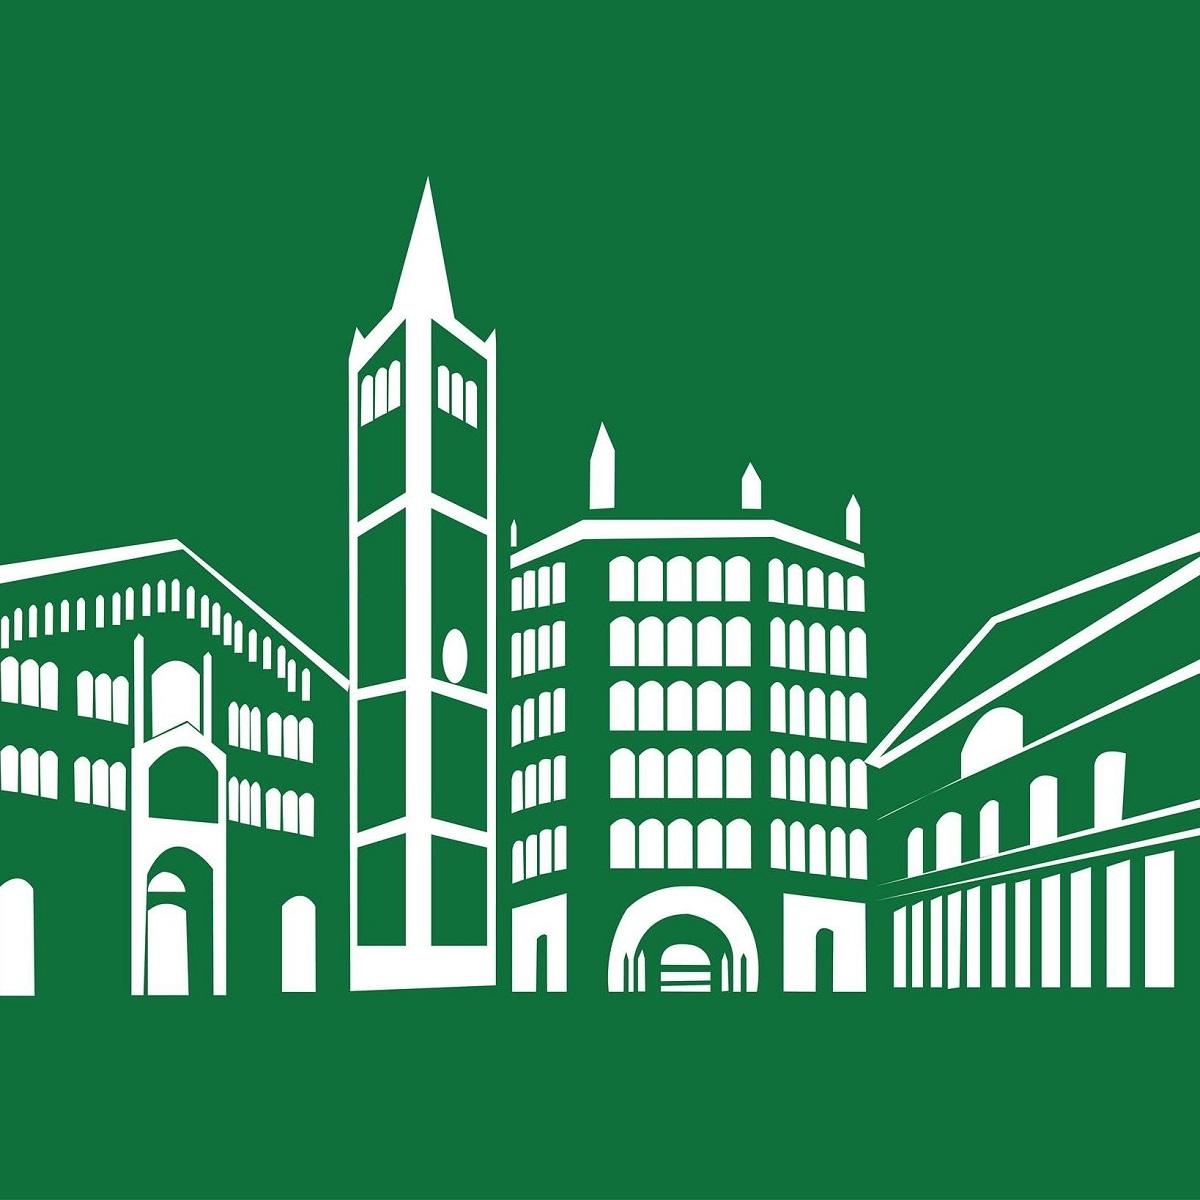 Homepage - Studio Casa 3 Agenzia Immobiliare - Parma